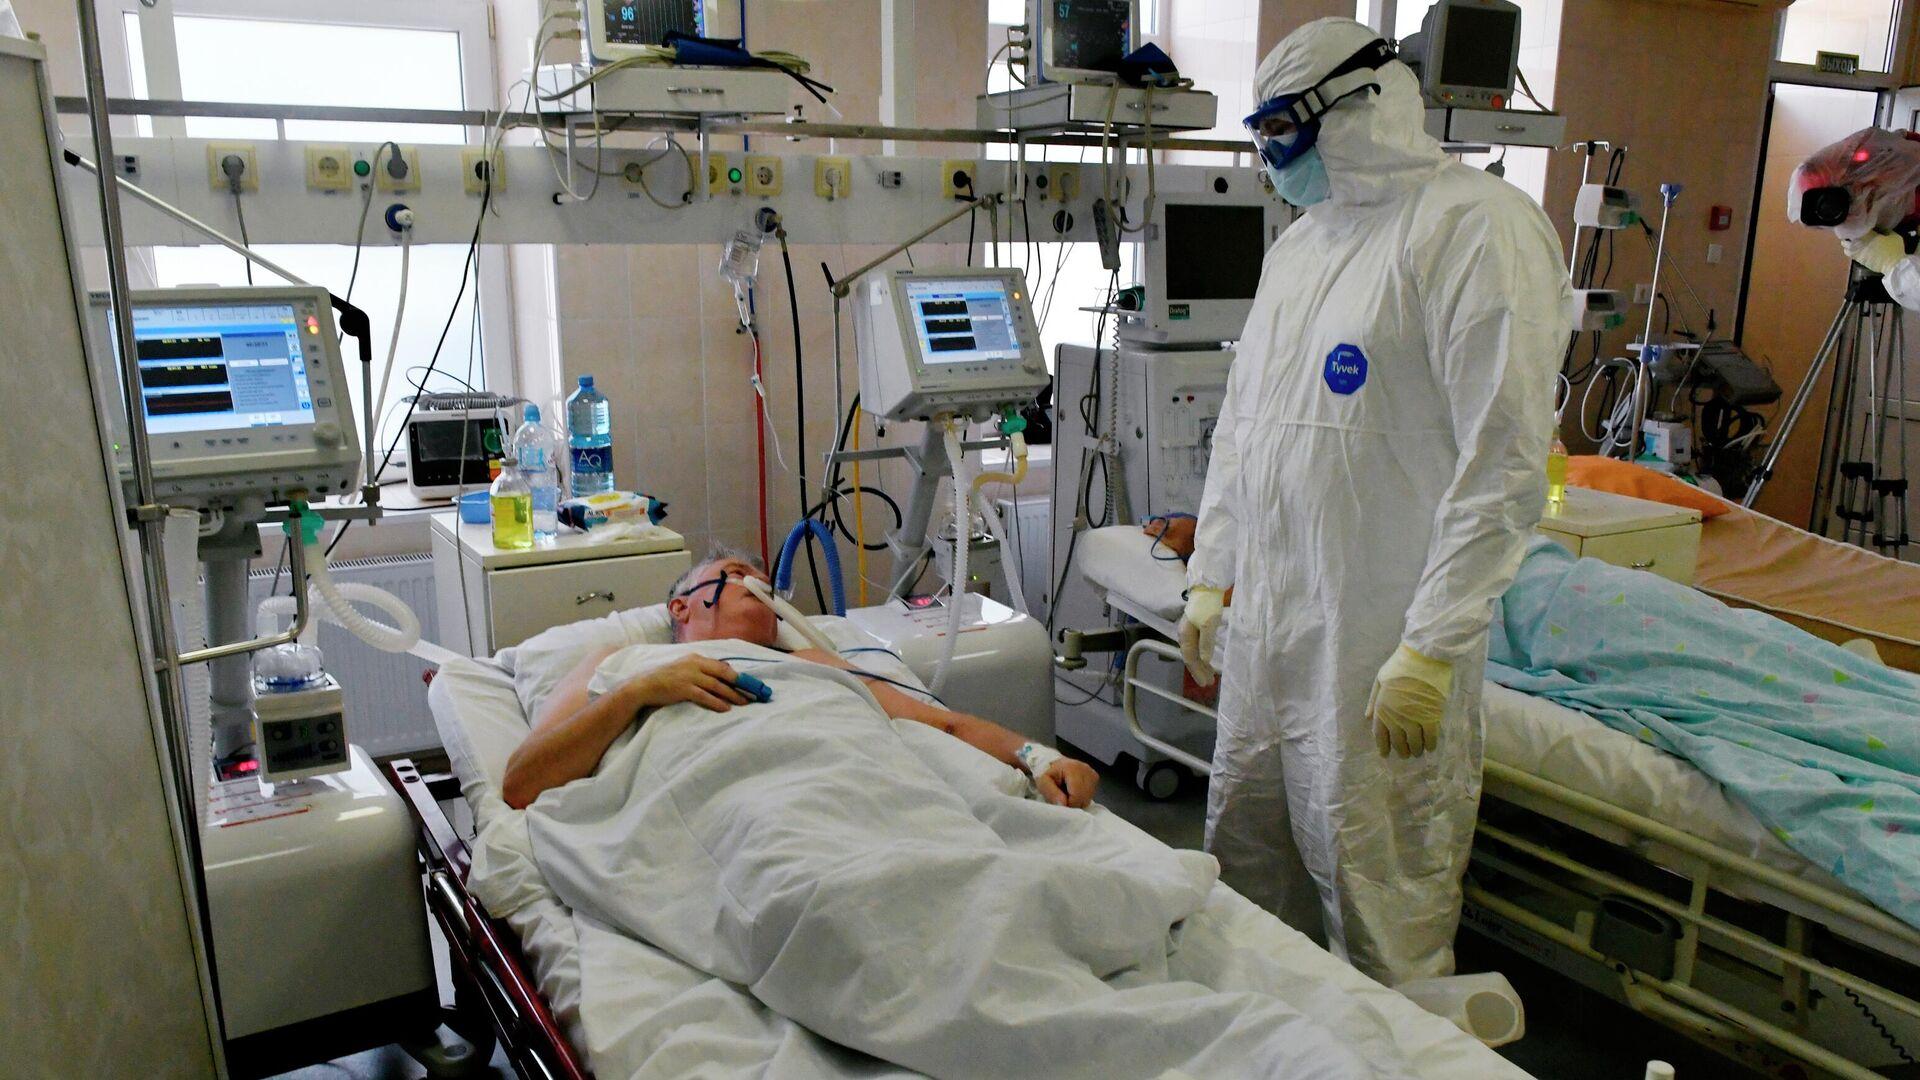 Врач и пациент в реанимации госпиталя для лечения больных Covid-19 в Краснодаре - РИА Новости, 1920, 10.07.2021